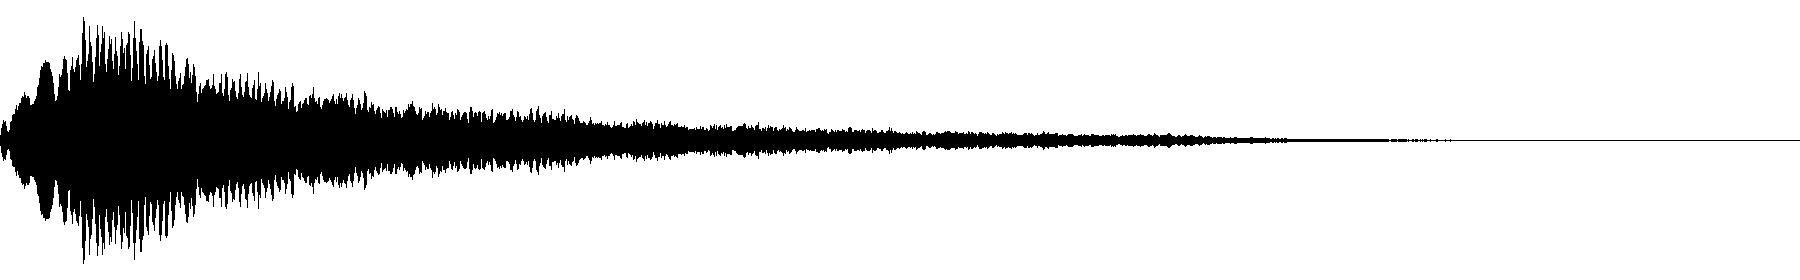 bluezone orbit sound 032